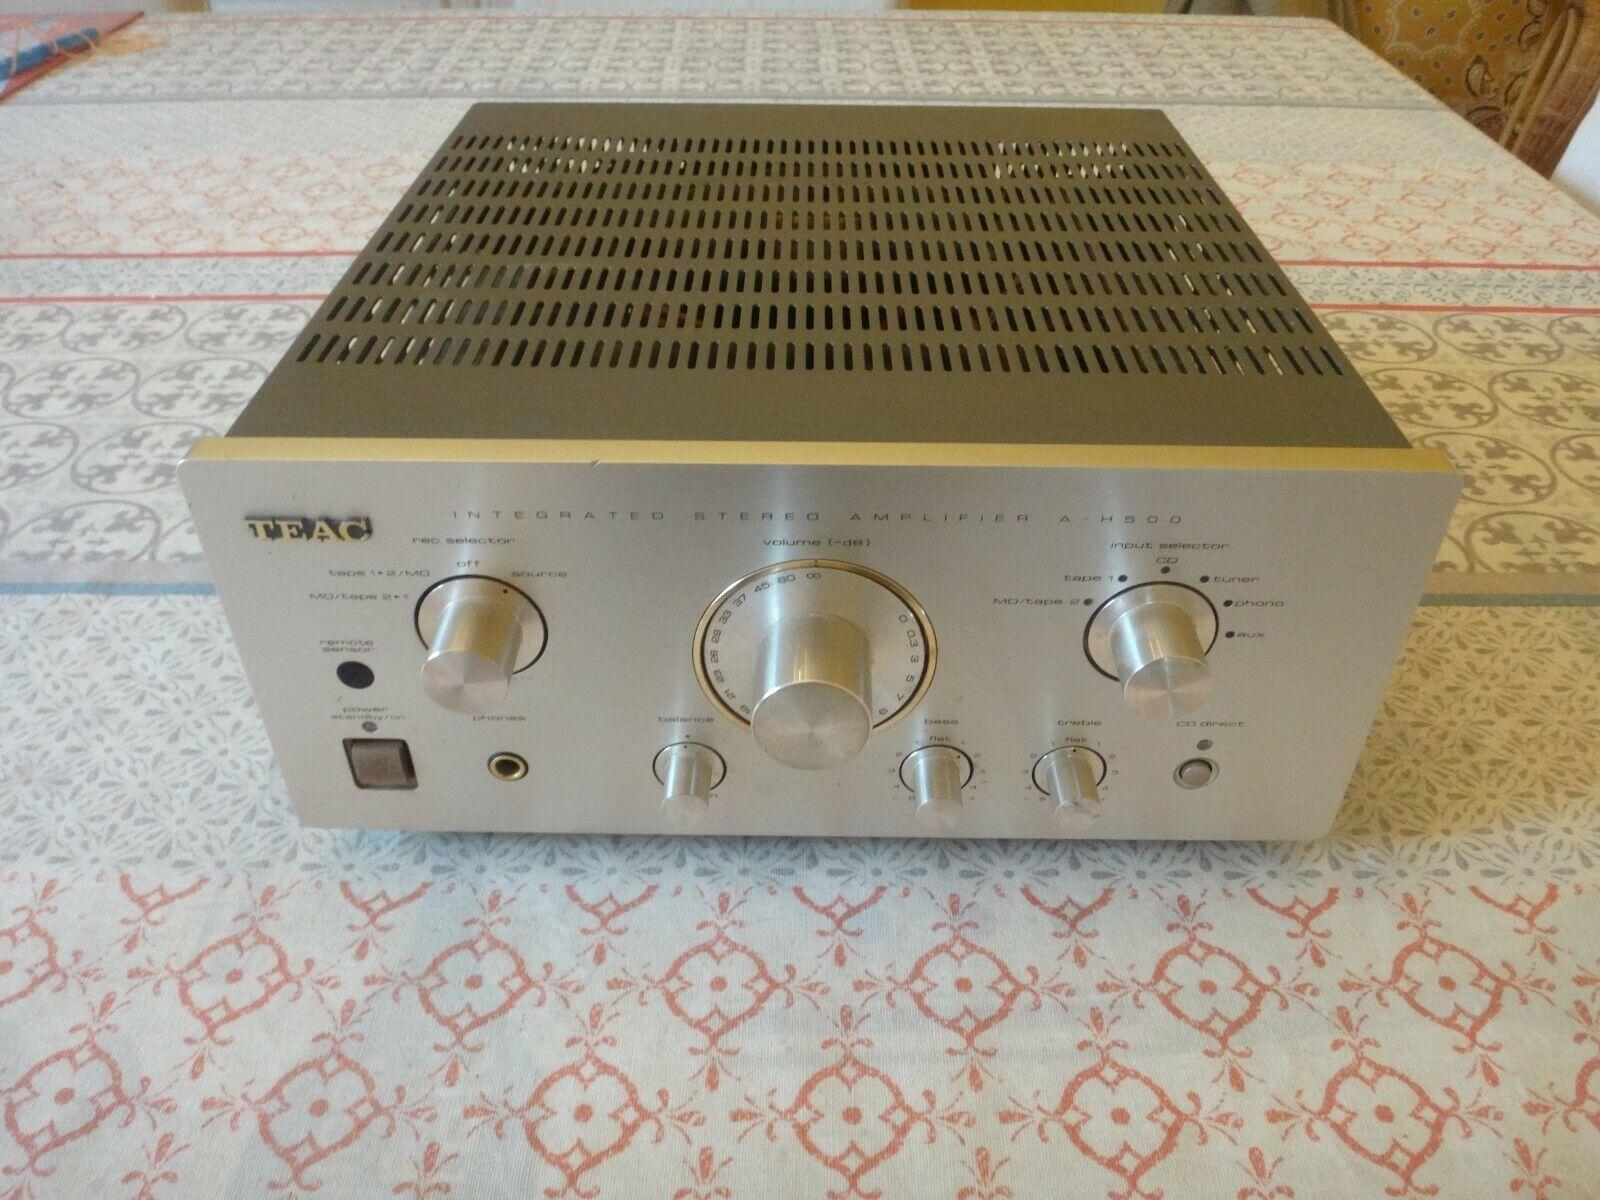 Amplificateur teac a-h500